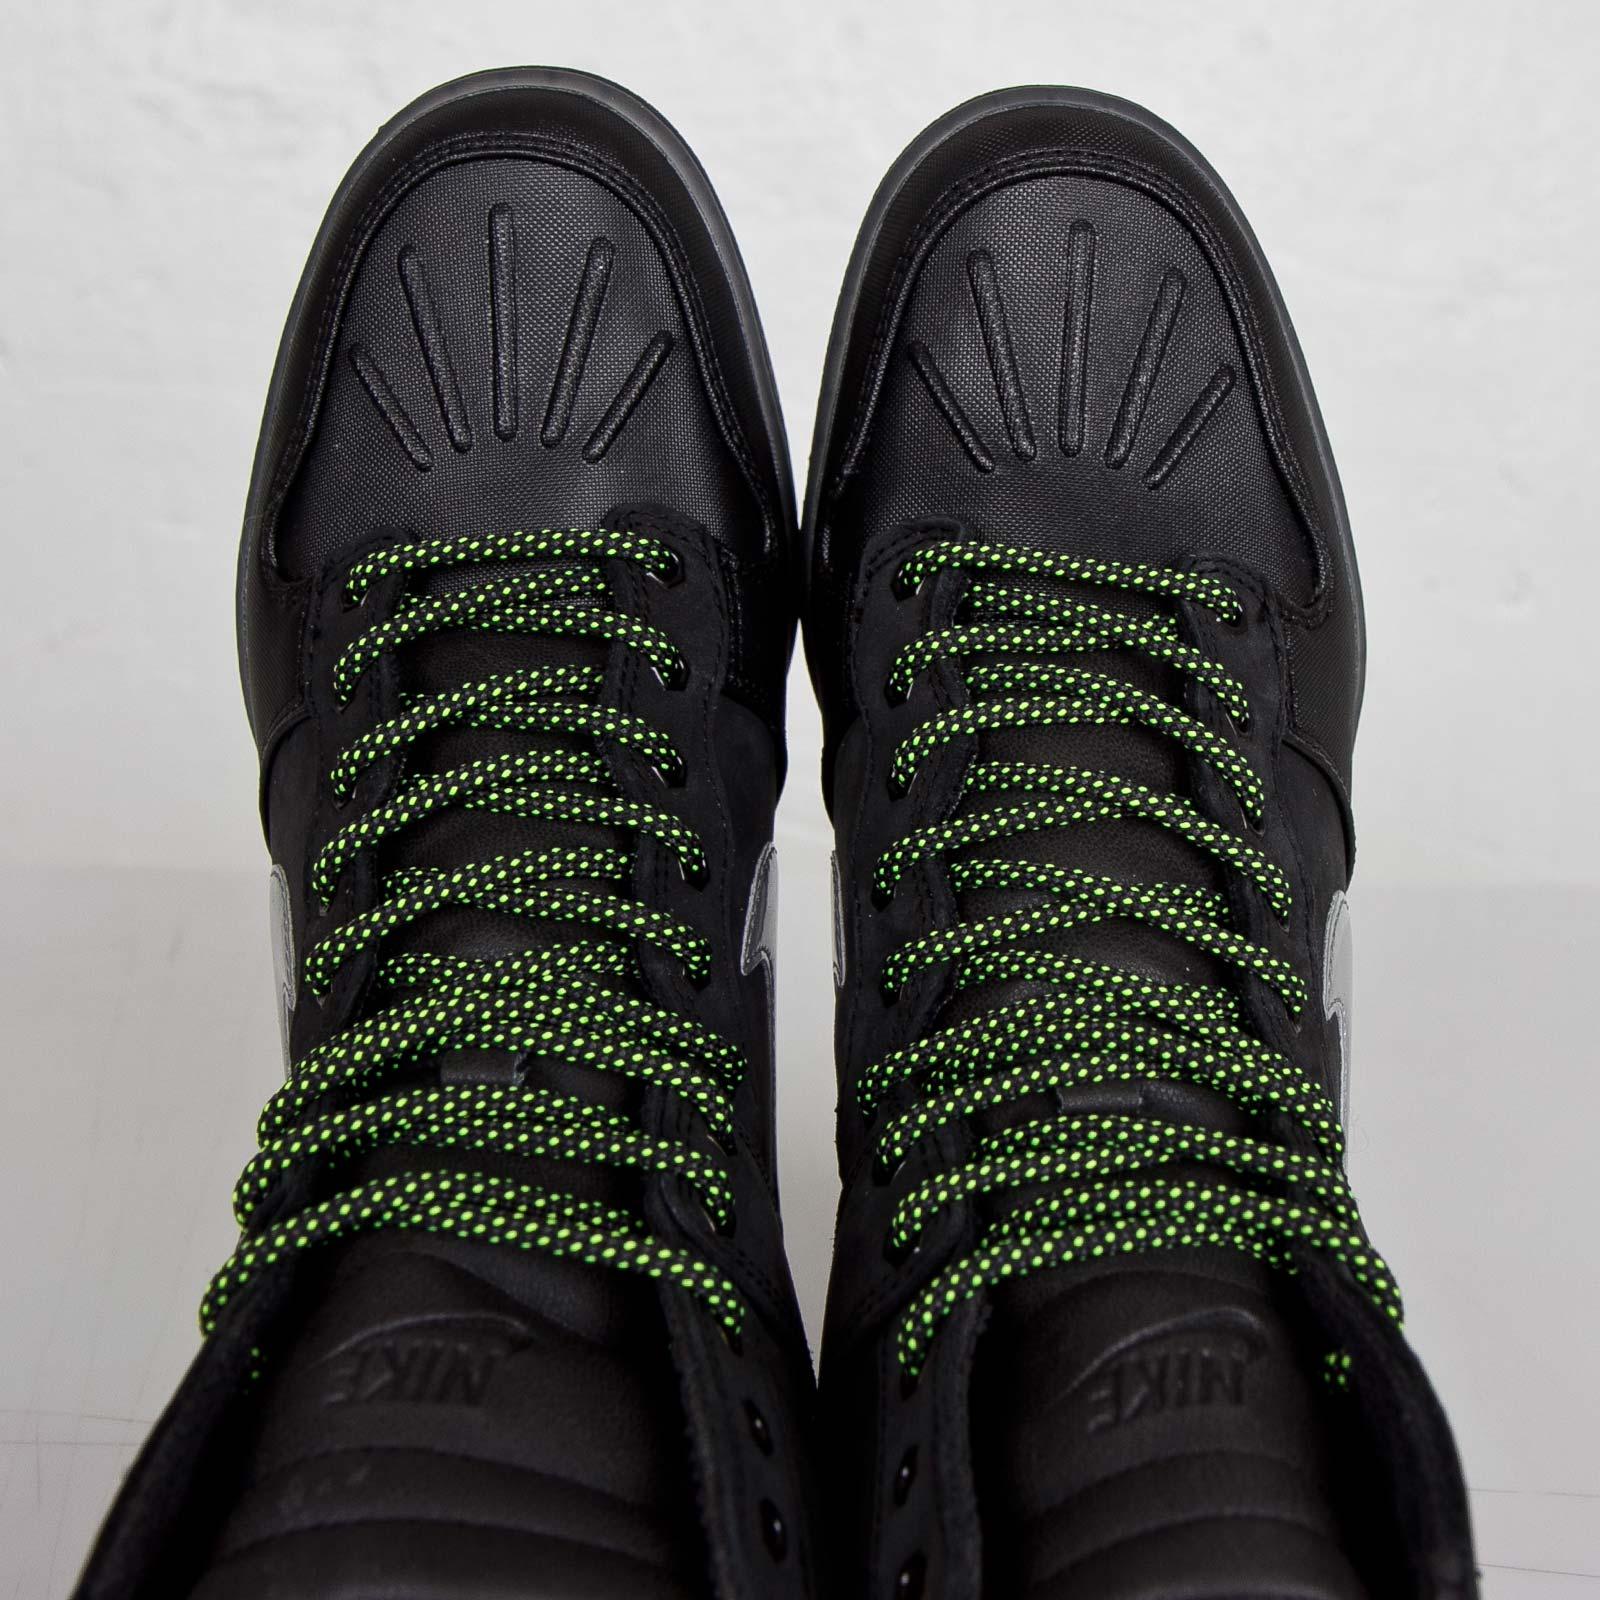 Nike WMNS Dunk Sky Hi Sneakerboot 2.0 - 684954-001 - Sneakersnstuff ... 184b2de0b